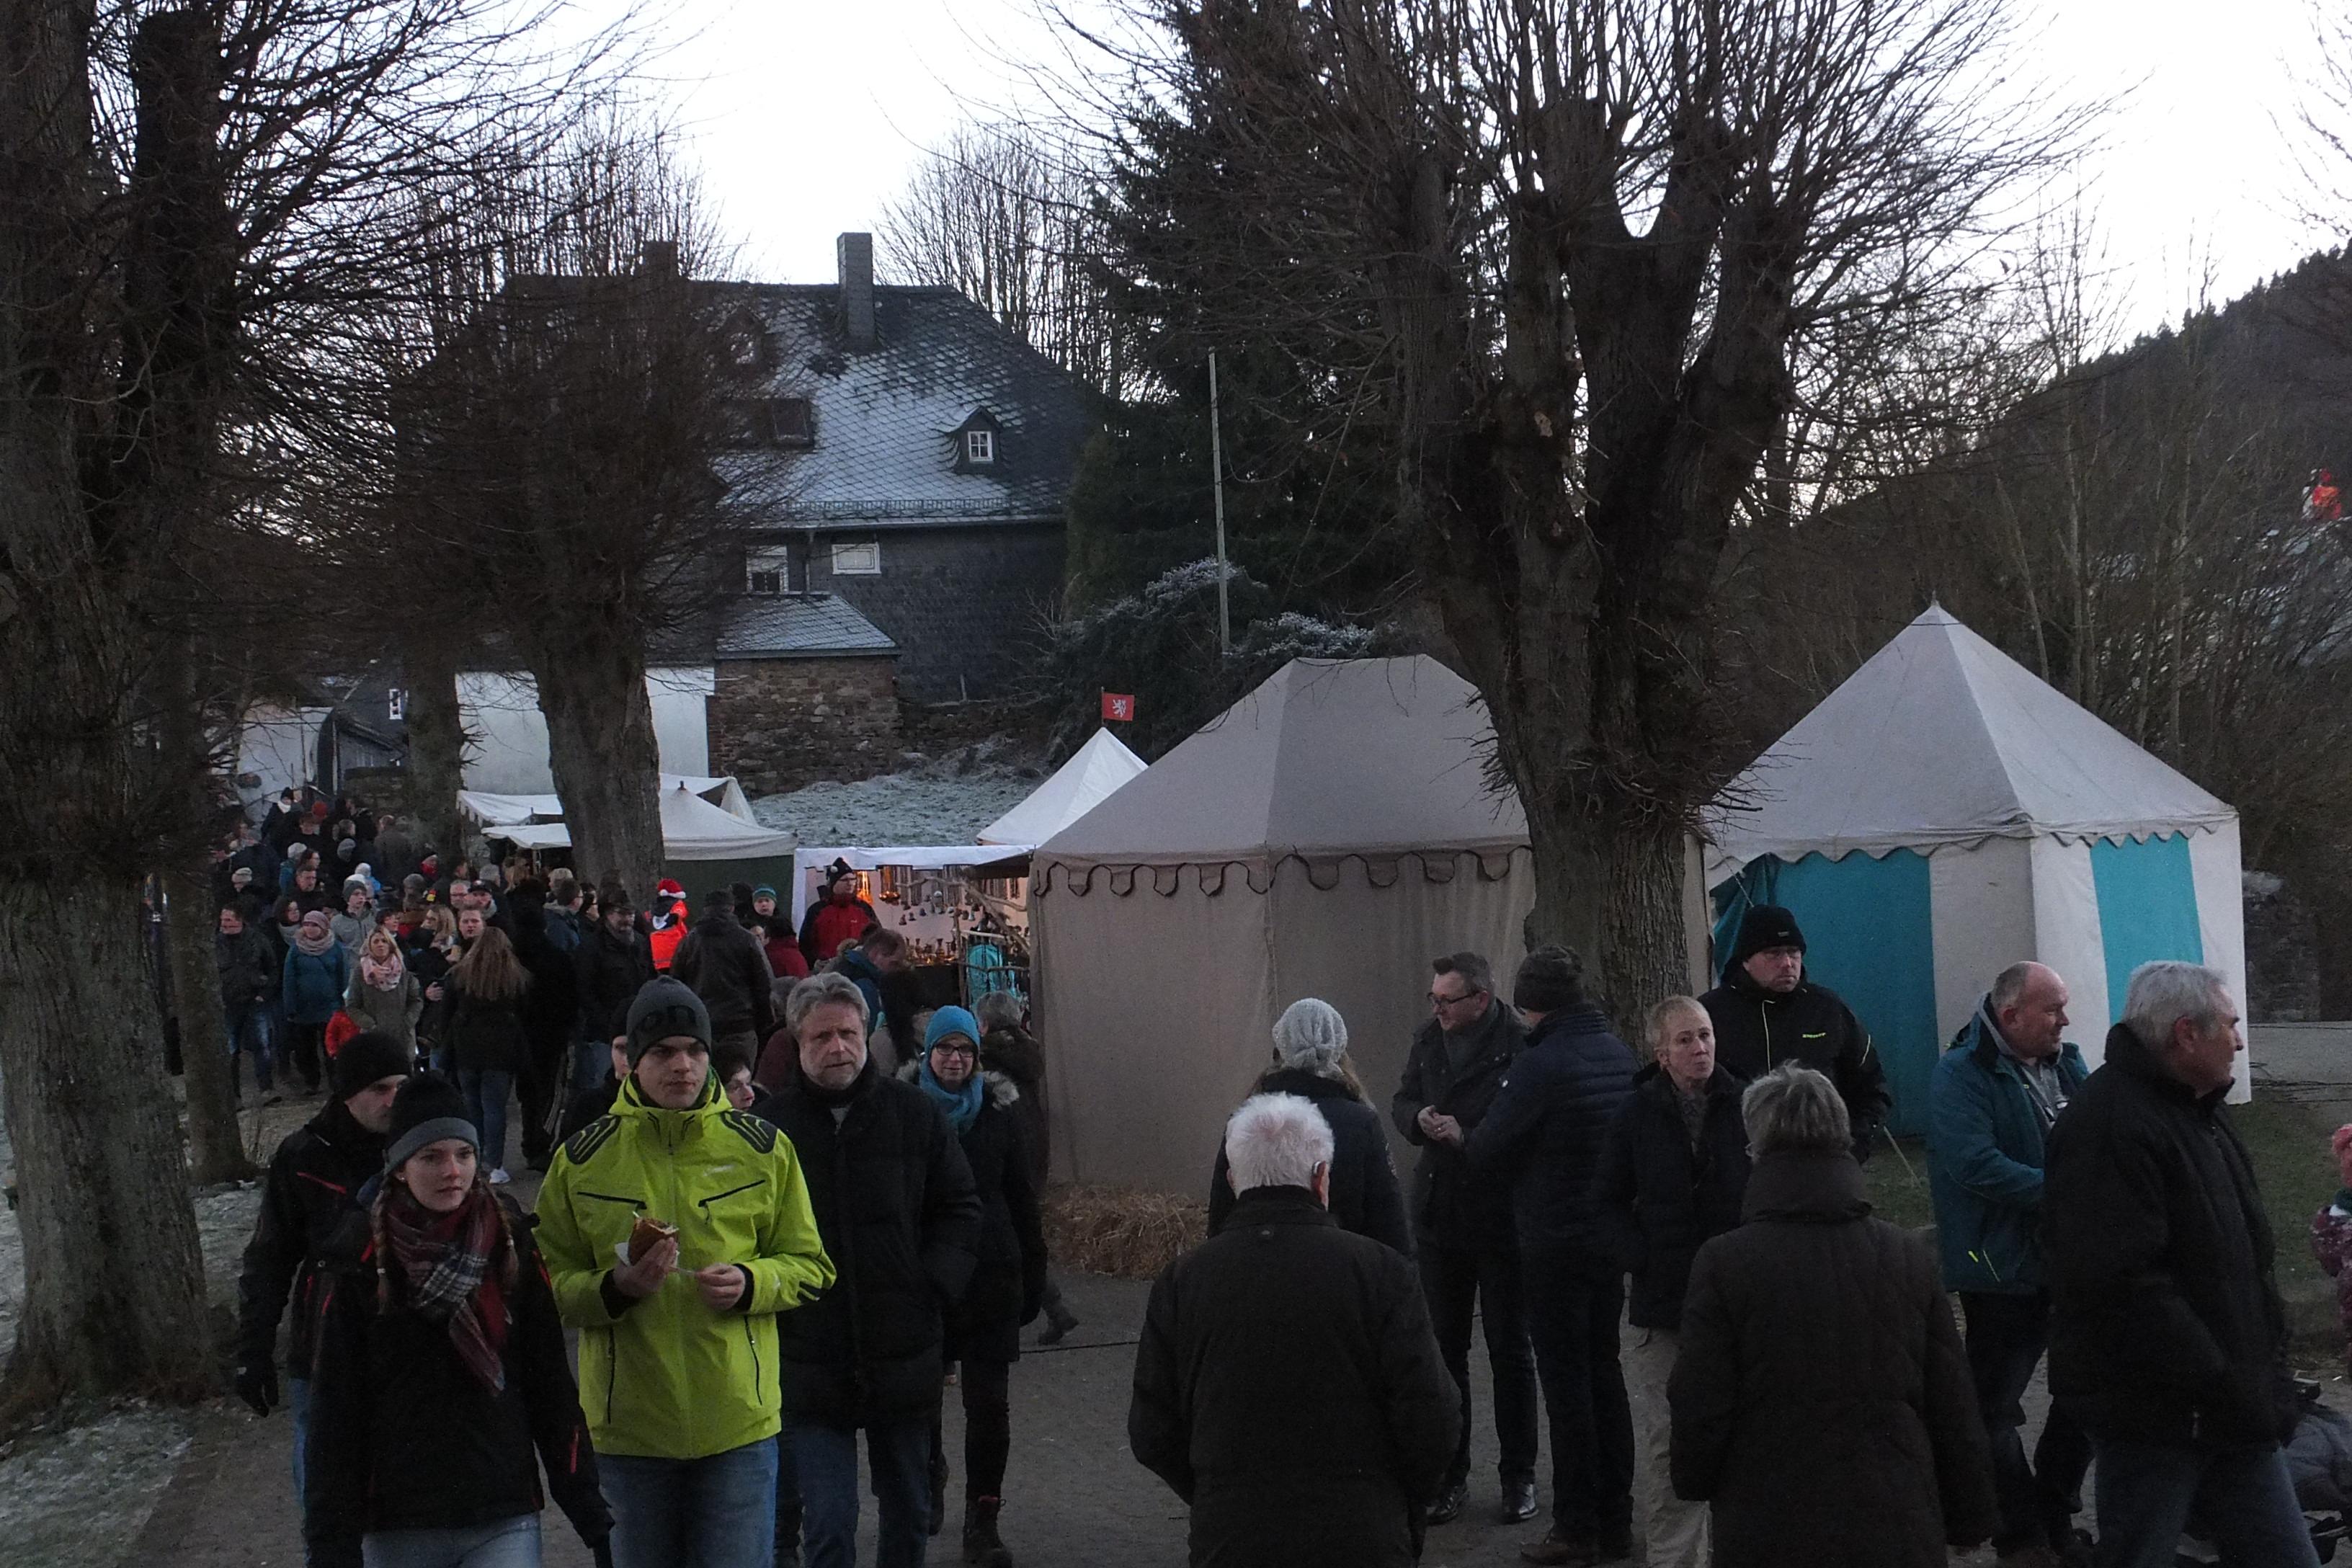 Weihnachtsmarkt Burbach 3.und 4.Dez. 2016 129 (002)